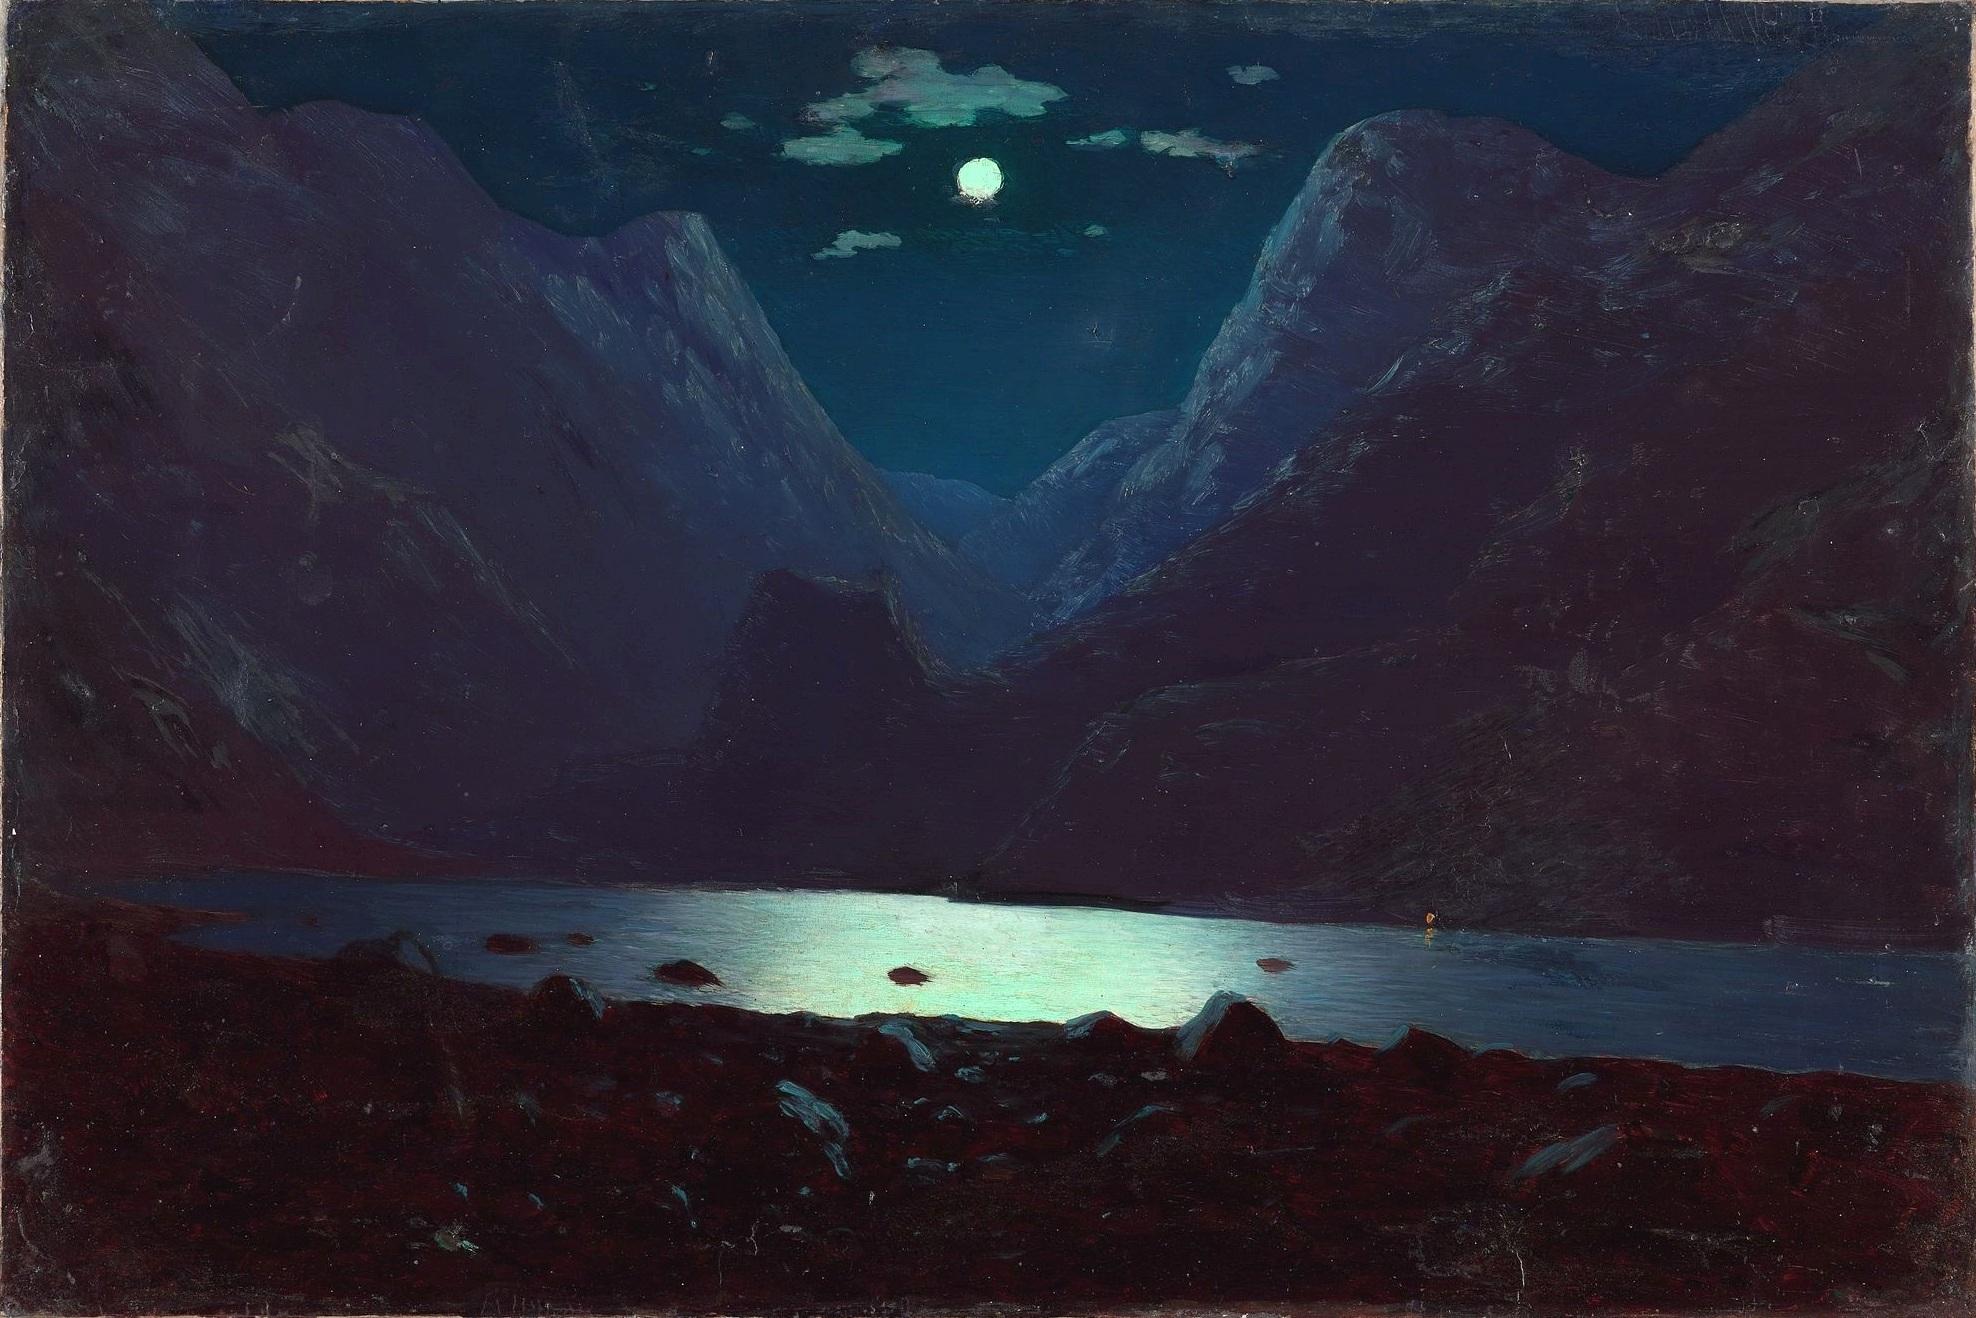 Дарьяльское ущелье Лунная ночь — Википедия